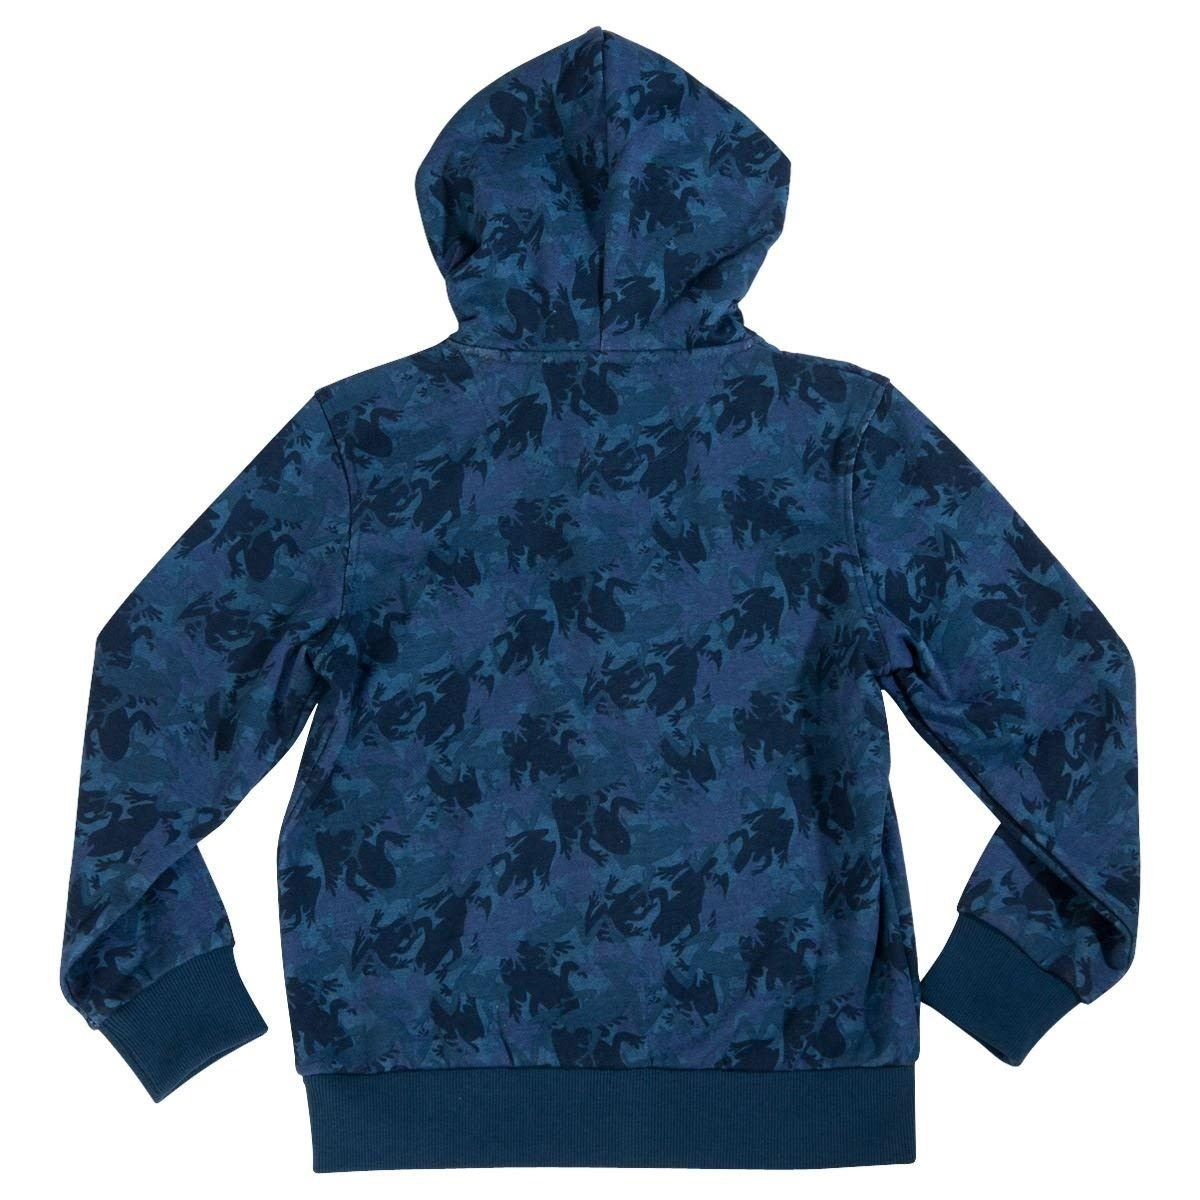 Skechers Boys Hoodies Camo Printed Fleeces Sweatshirts Zipper Kids Sports Top